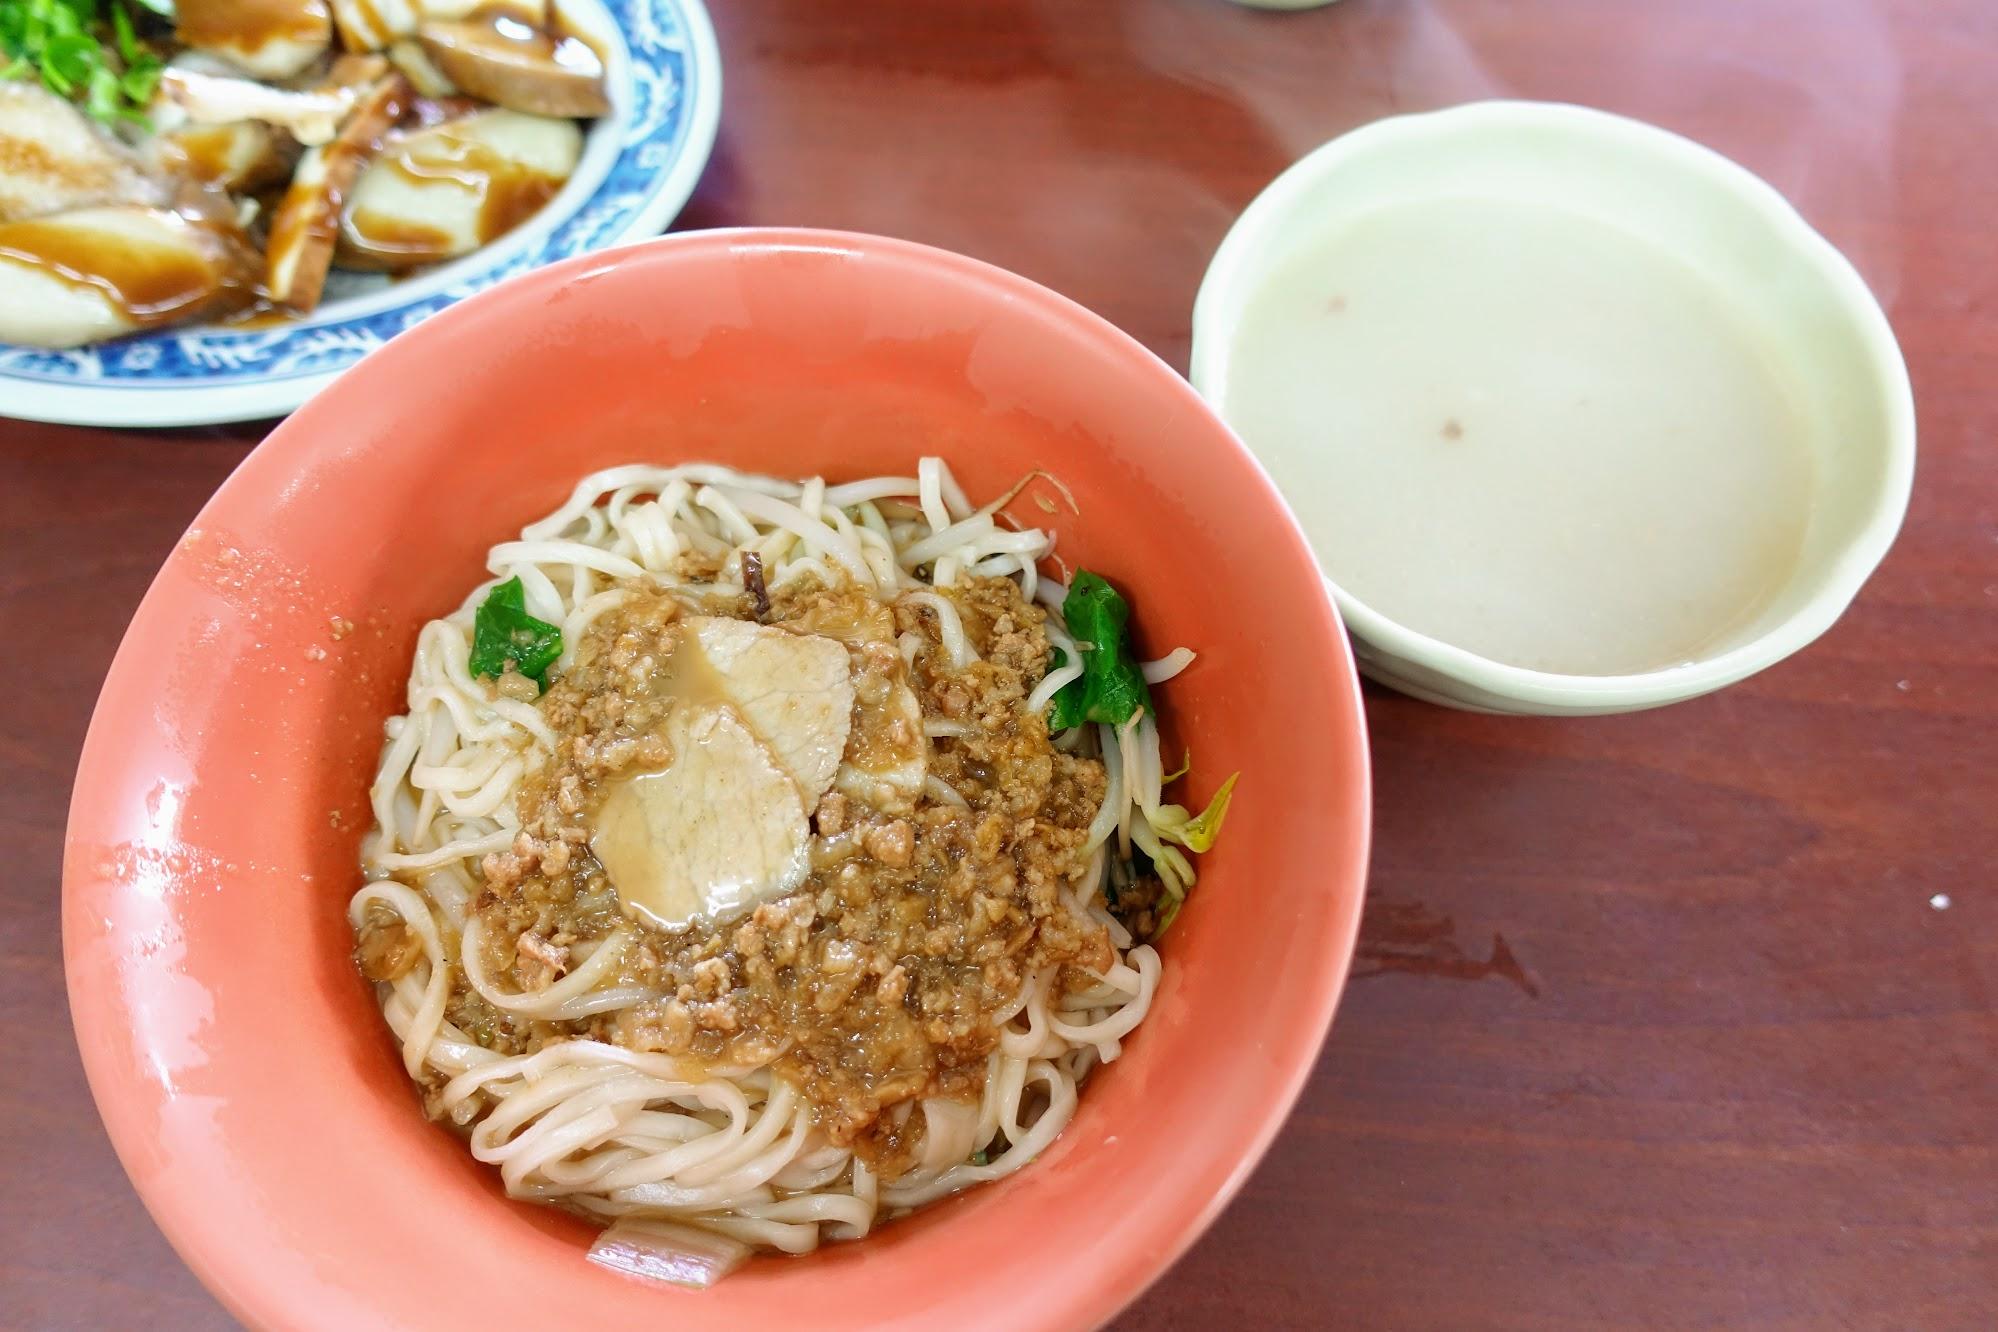 今天吃的麻將乾麵/小菜,旁邊那一碗清湯是隨附的,那湯是大骨湯,已經都是白顏色了呀!